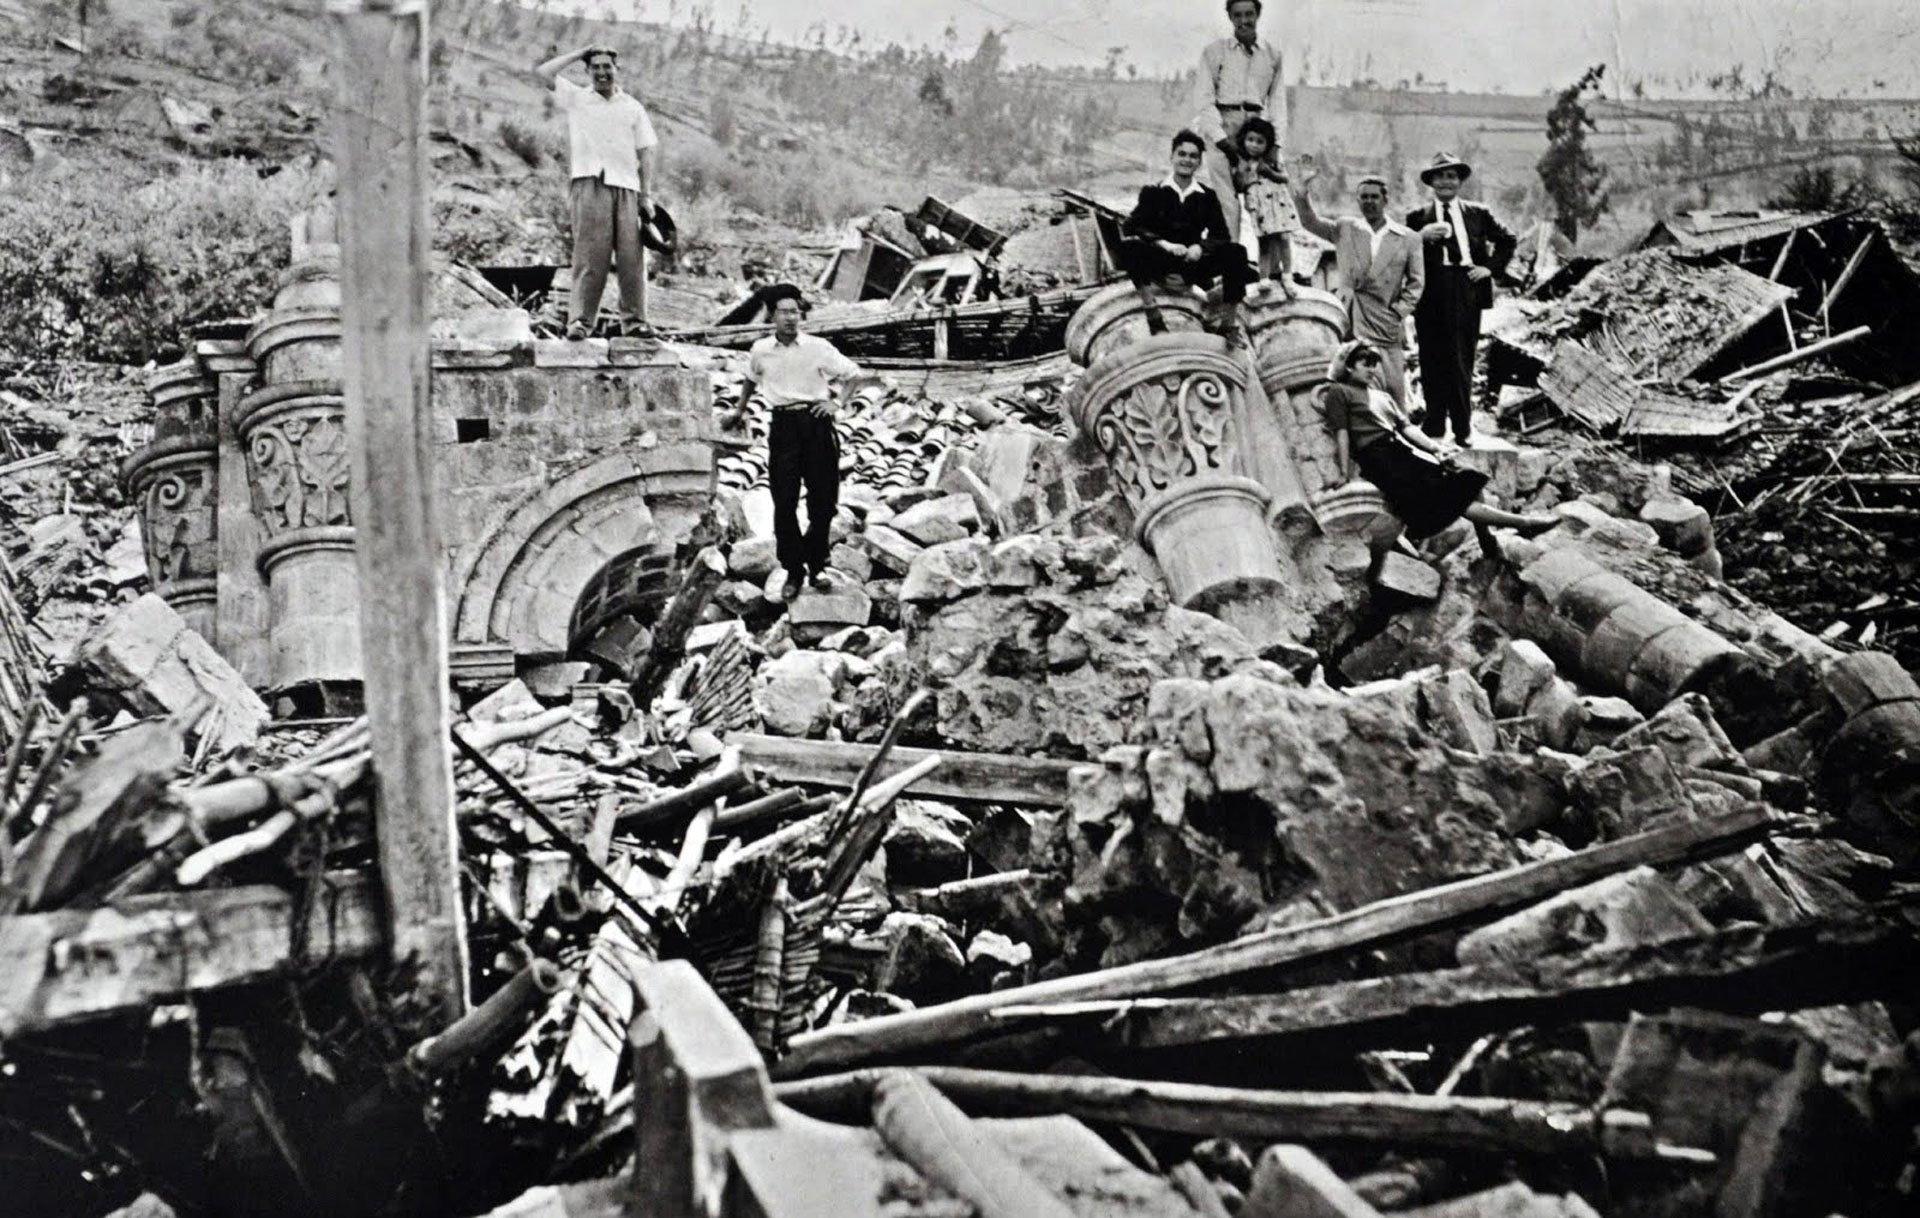 Ambato, Ecuador. 5 de agosto de 1949.Las localidades de Guano, Patate, Pelileo y Pillaro resultaron completamente destruidas y también un tercio de la ciudad de Ambato en este terremoto de 6,8 en la escala de Richter y que dejó 5.050 muertos